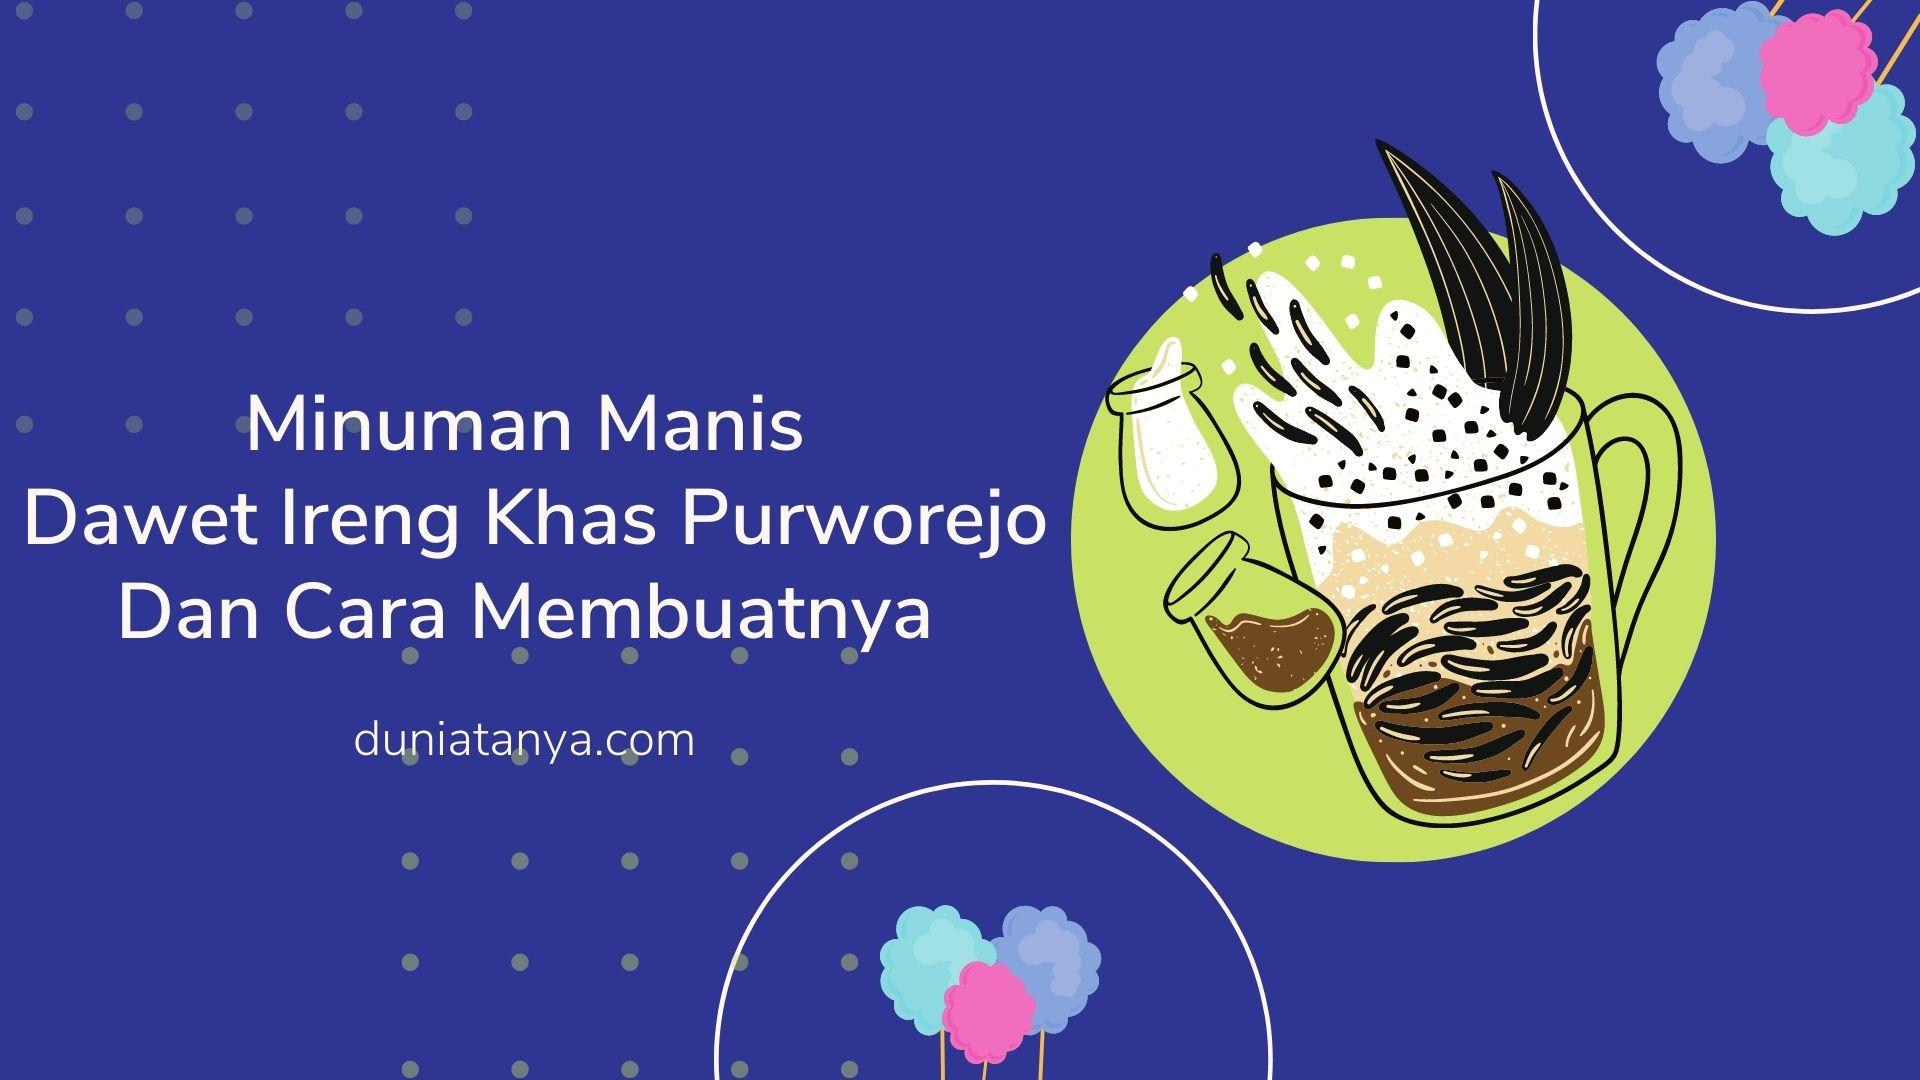 Read more about the article Minuman Manis Dawet Ireng Khas Purworejo Dan Cara Membuatnya